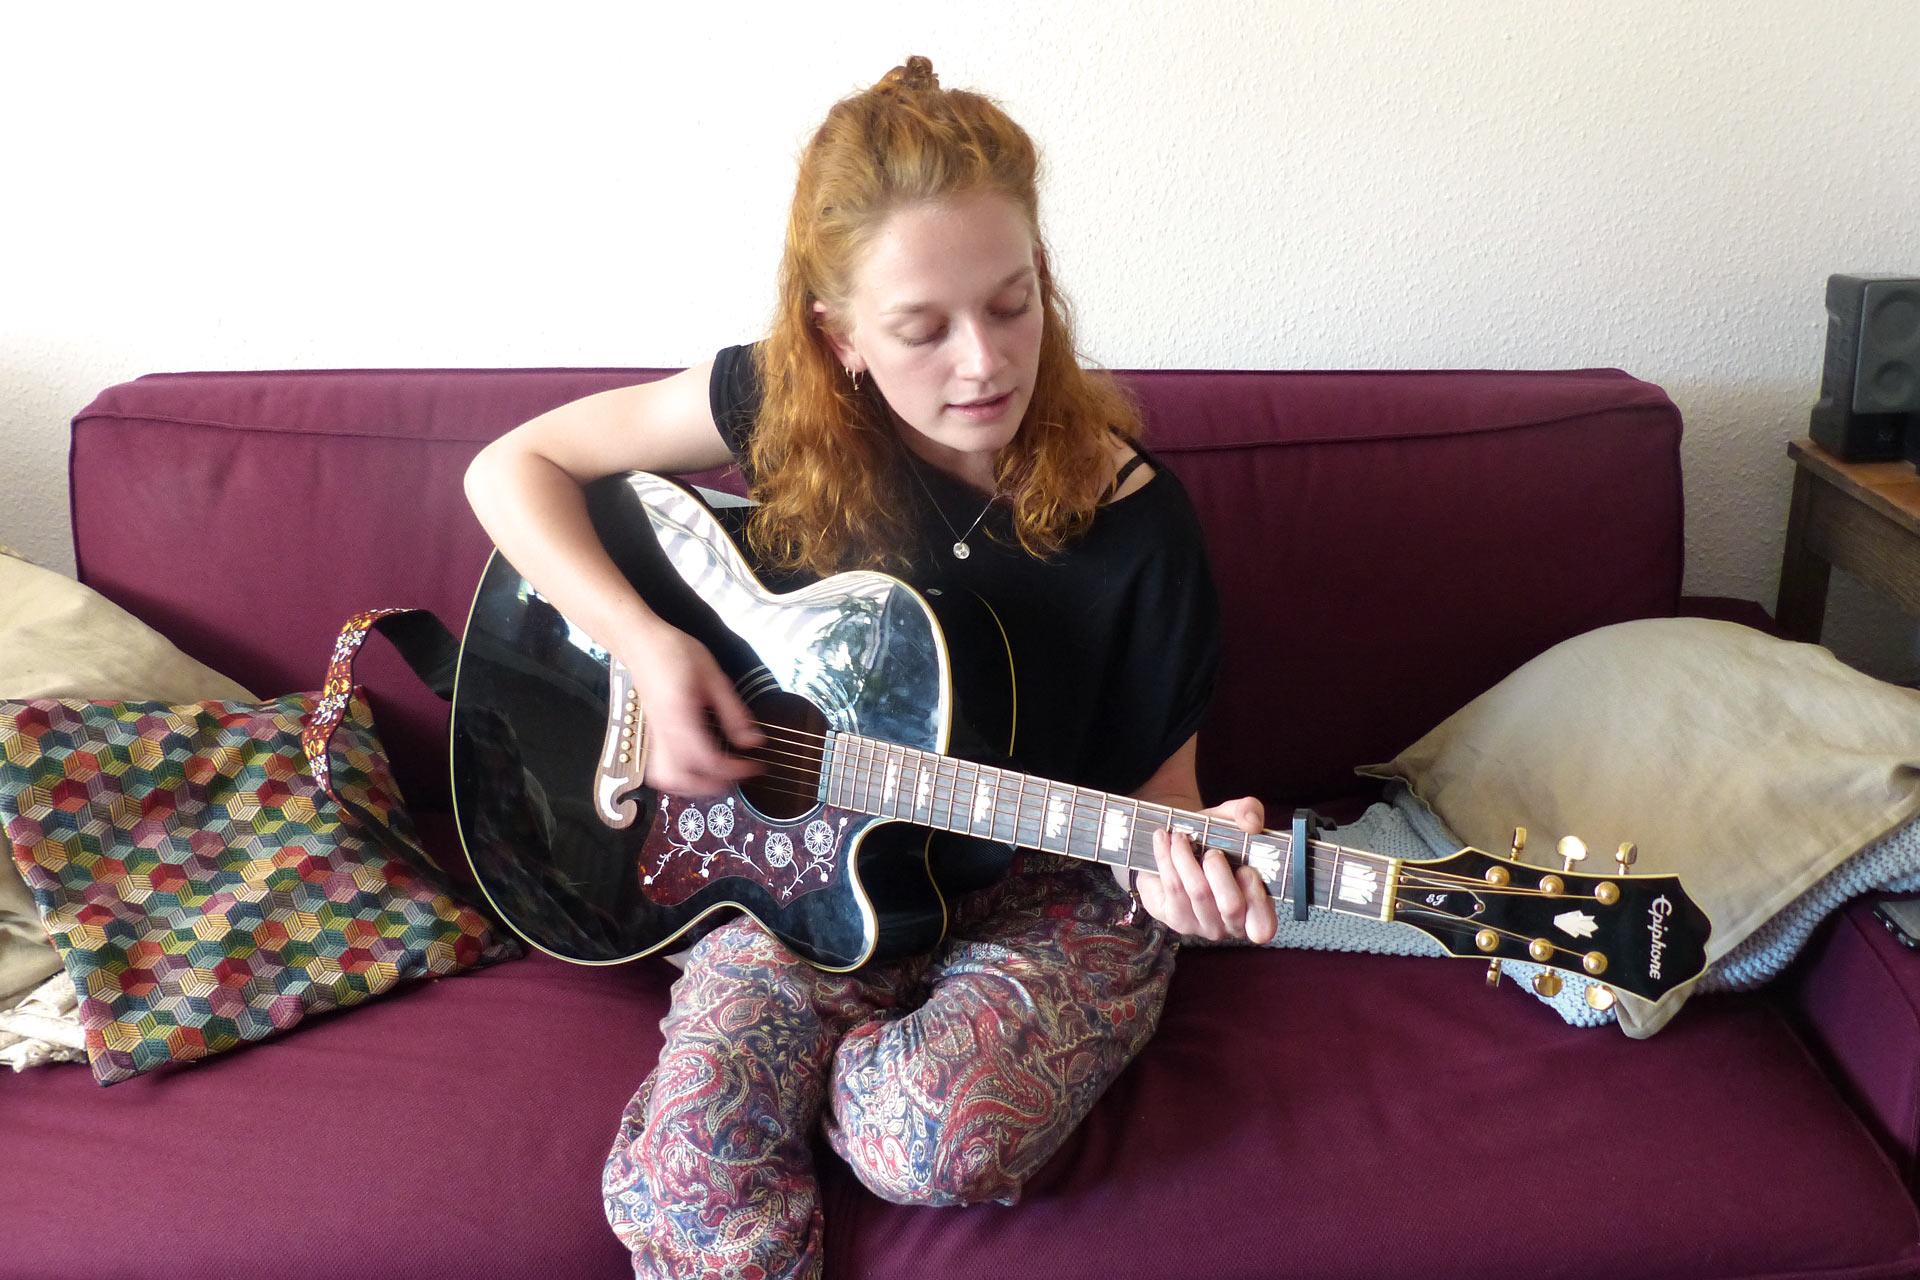 Nina spielt auf ihrer Gitarre.